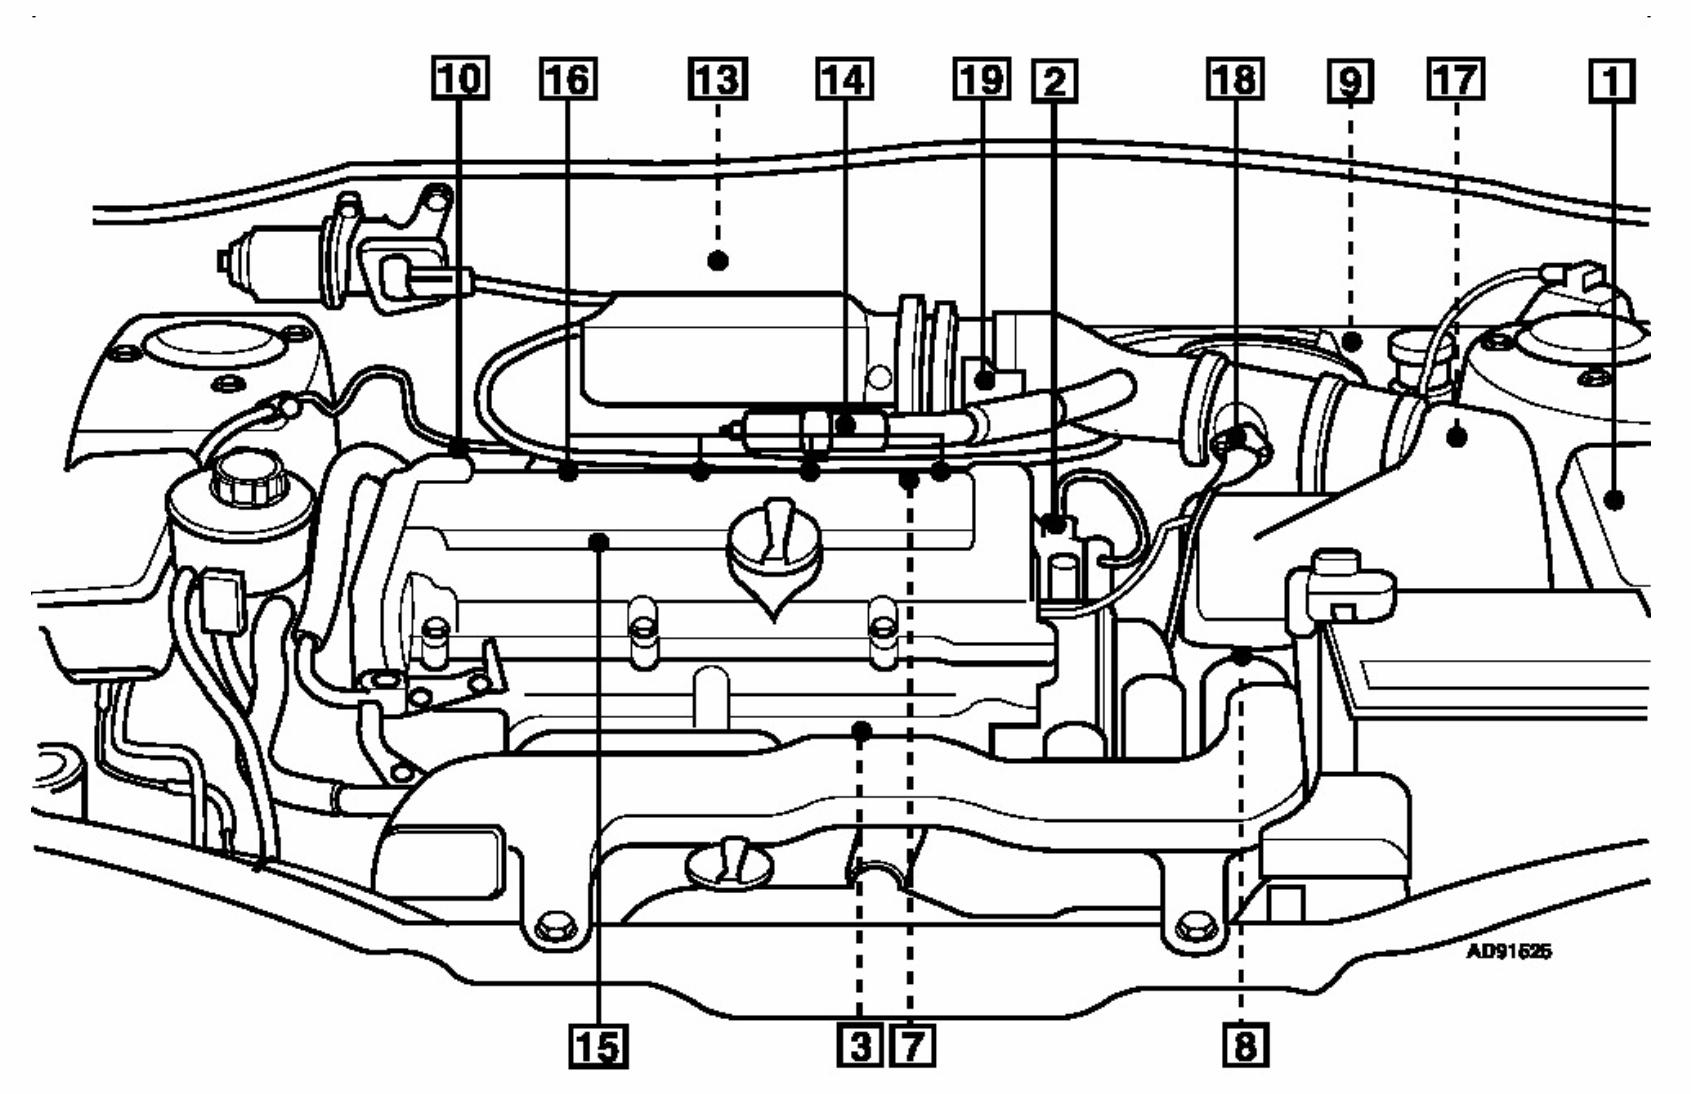 Hyundai excel crank angle sensor location